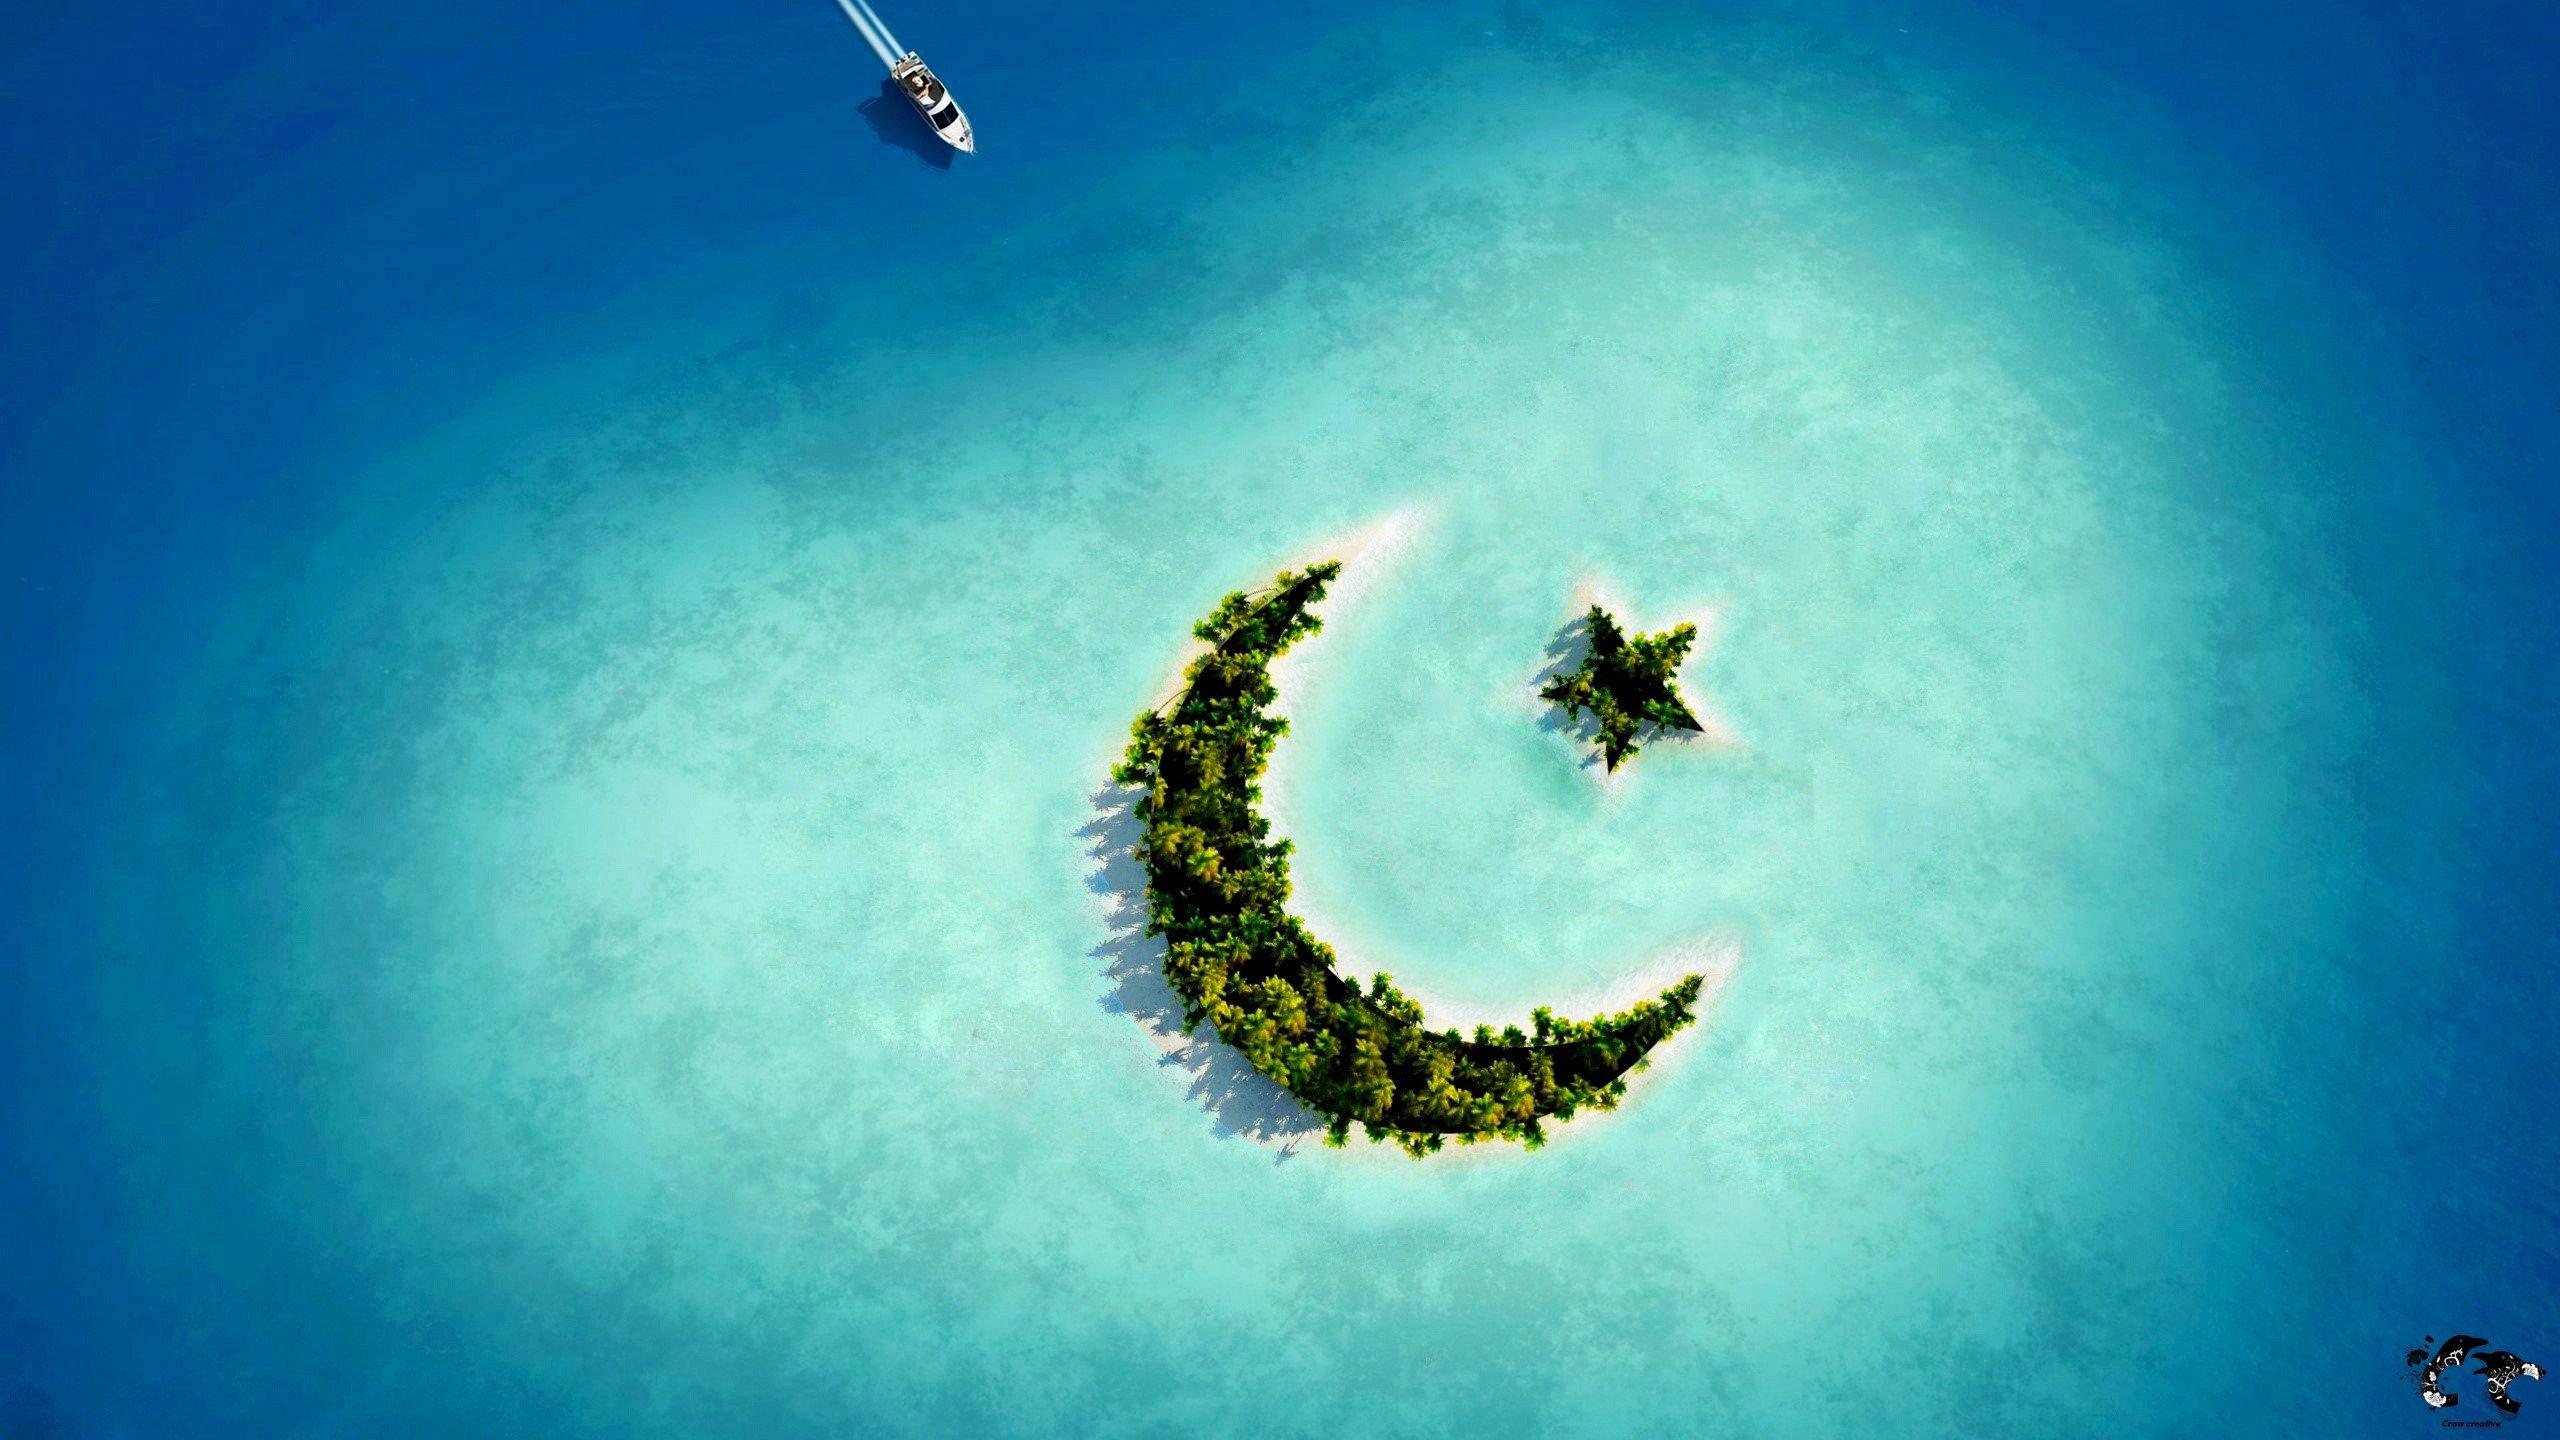 Fondos de pantalla Islas con forma de luna y estrella